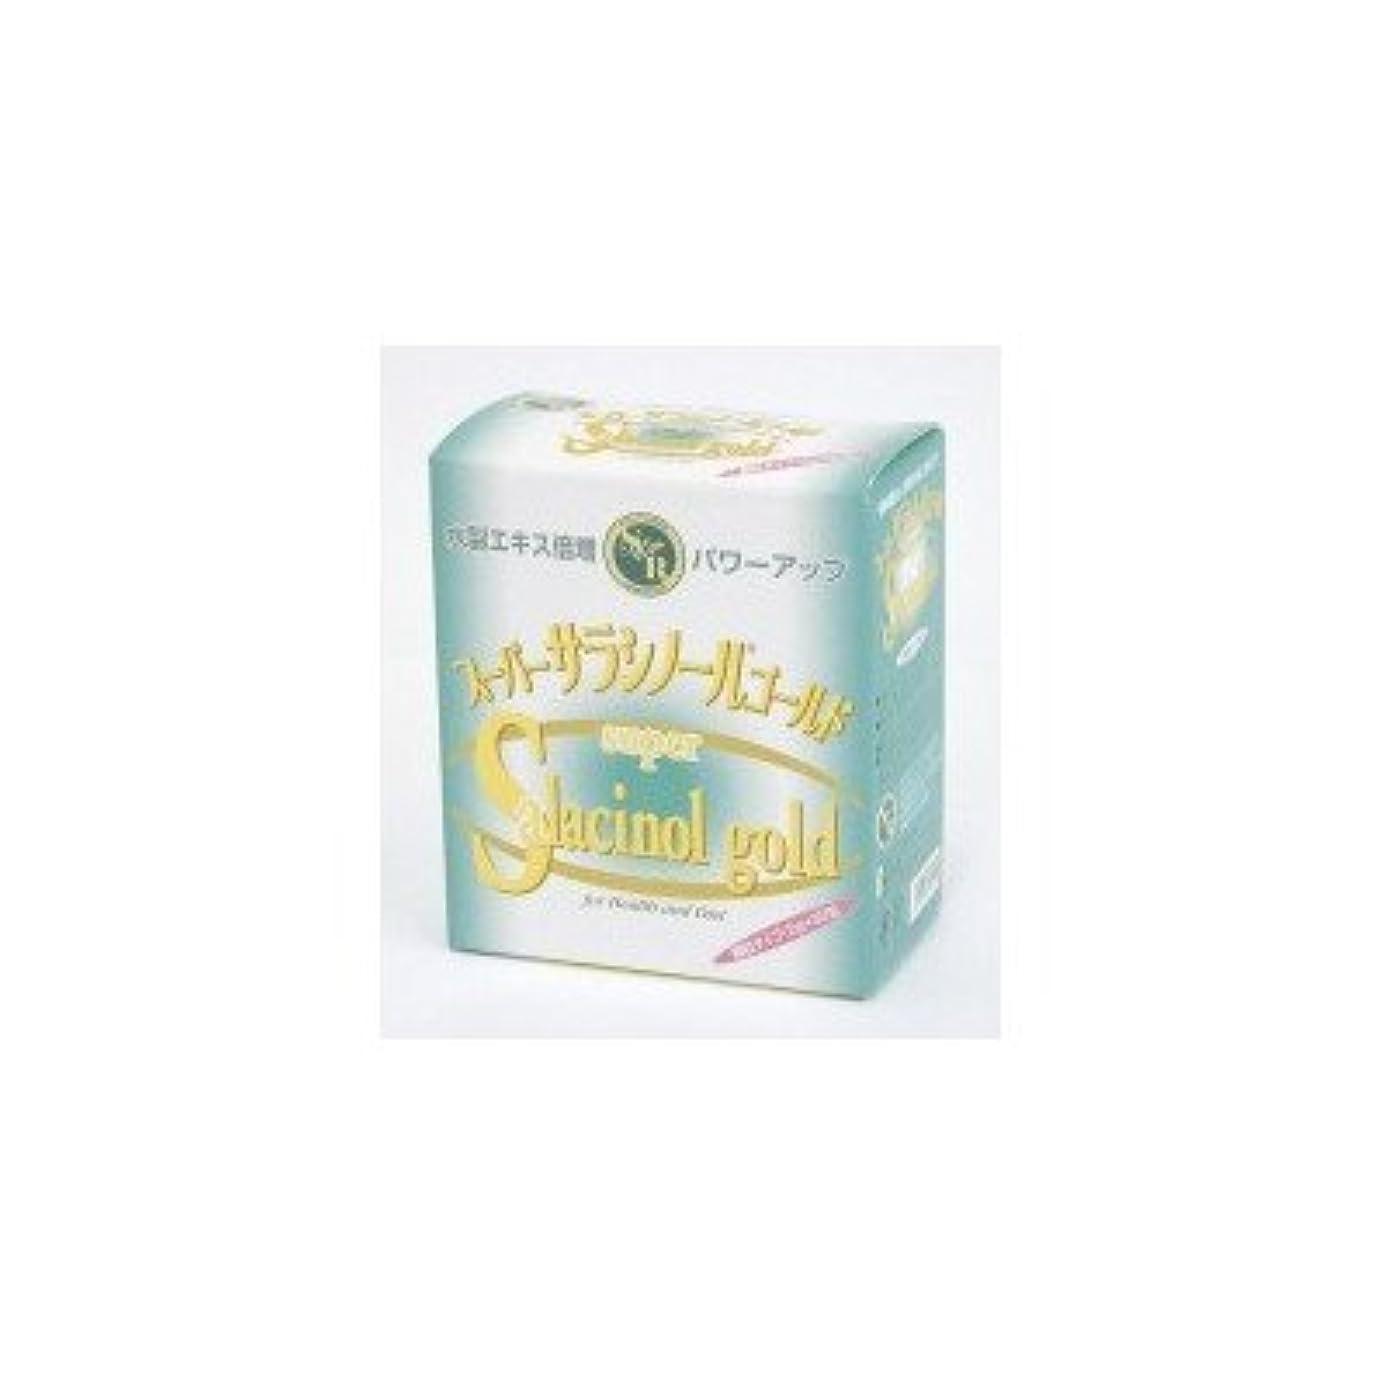 激しいエンティティ実験をするジャパンヘルス スーパーサラシノールゴールド 2g×30包